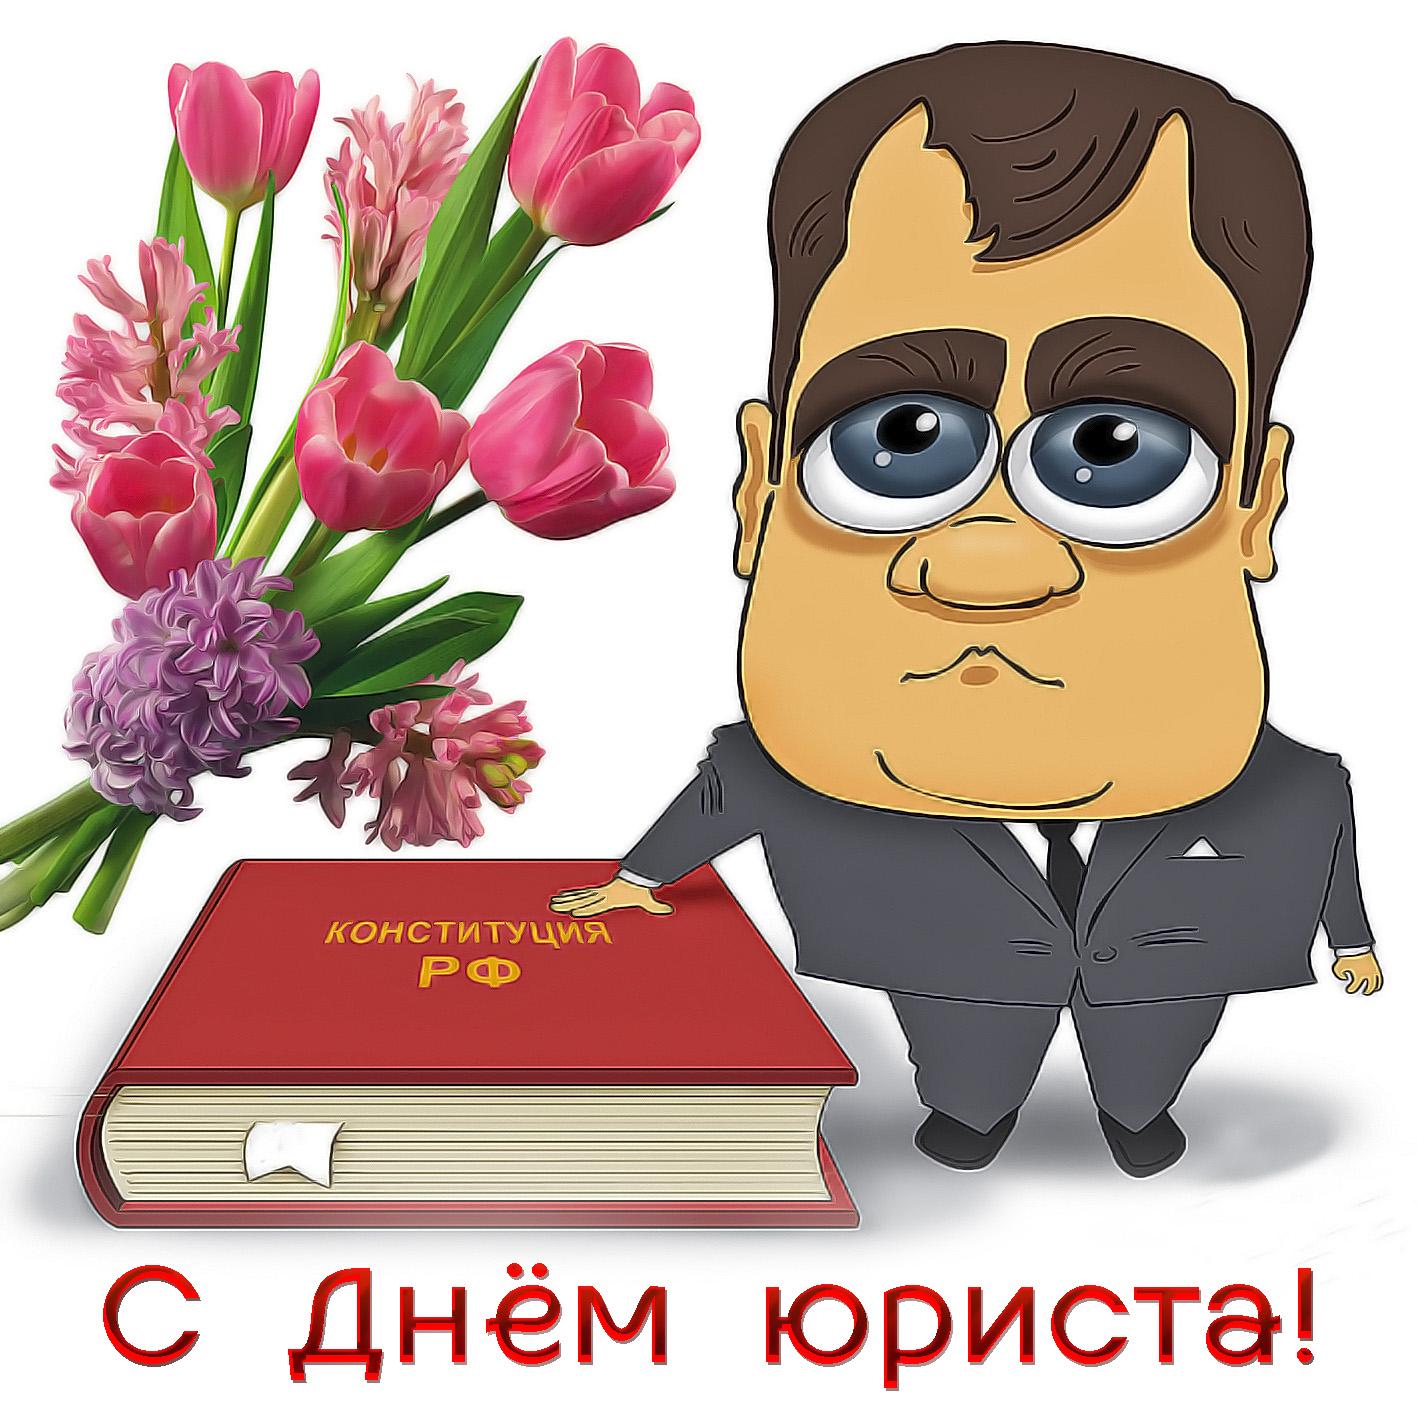 Забавная картинка с юристом и цветами на День юриста